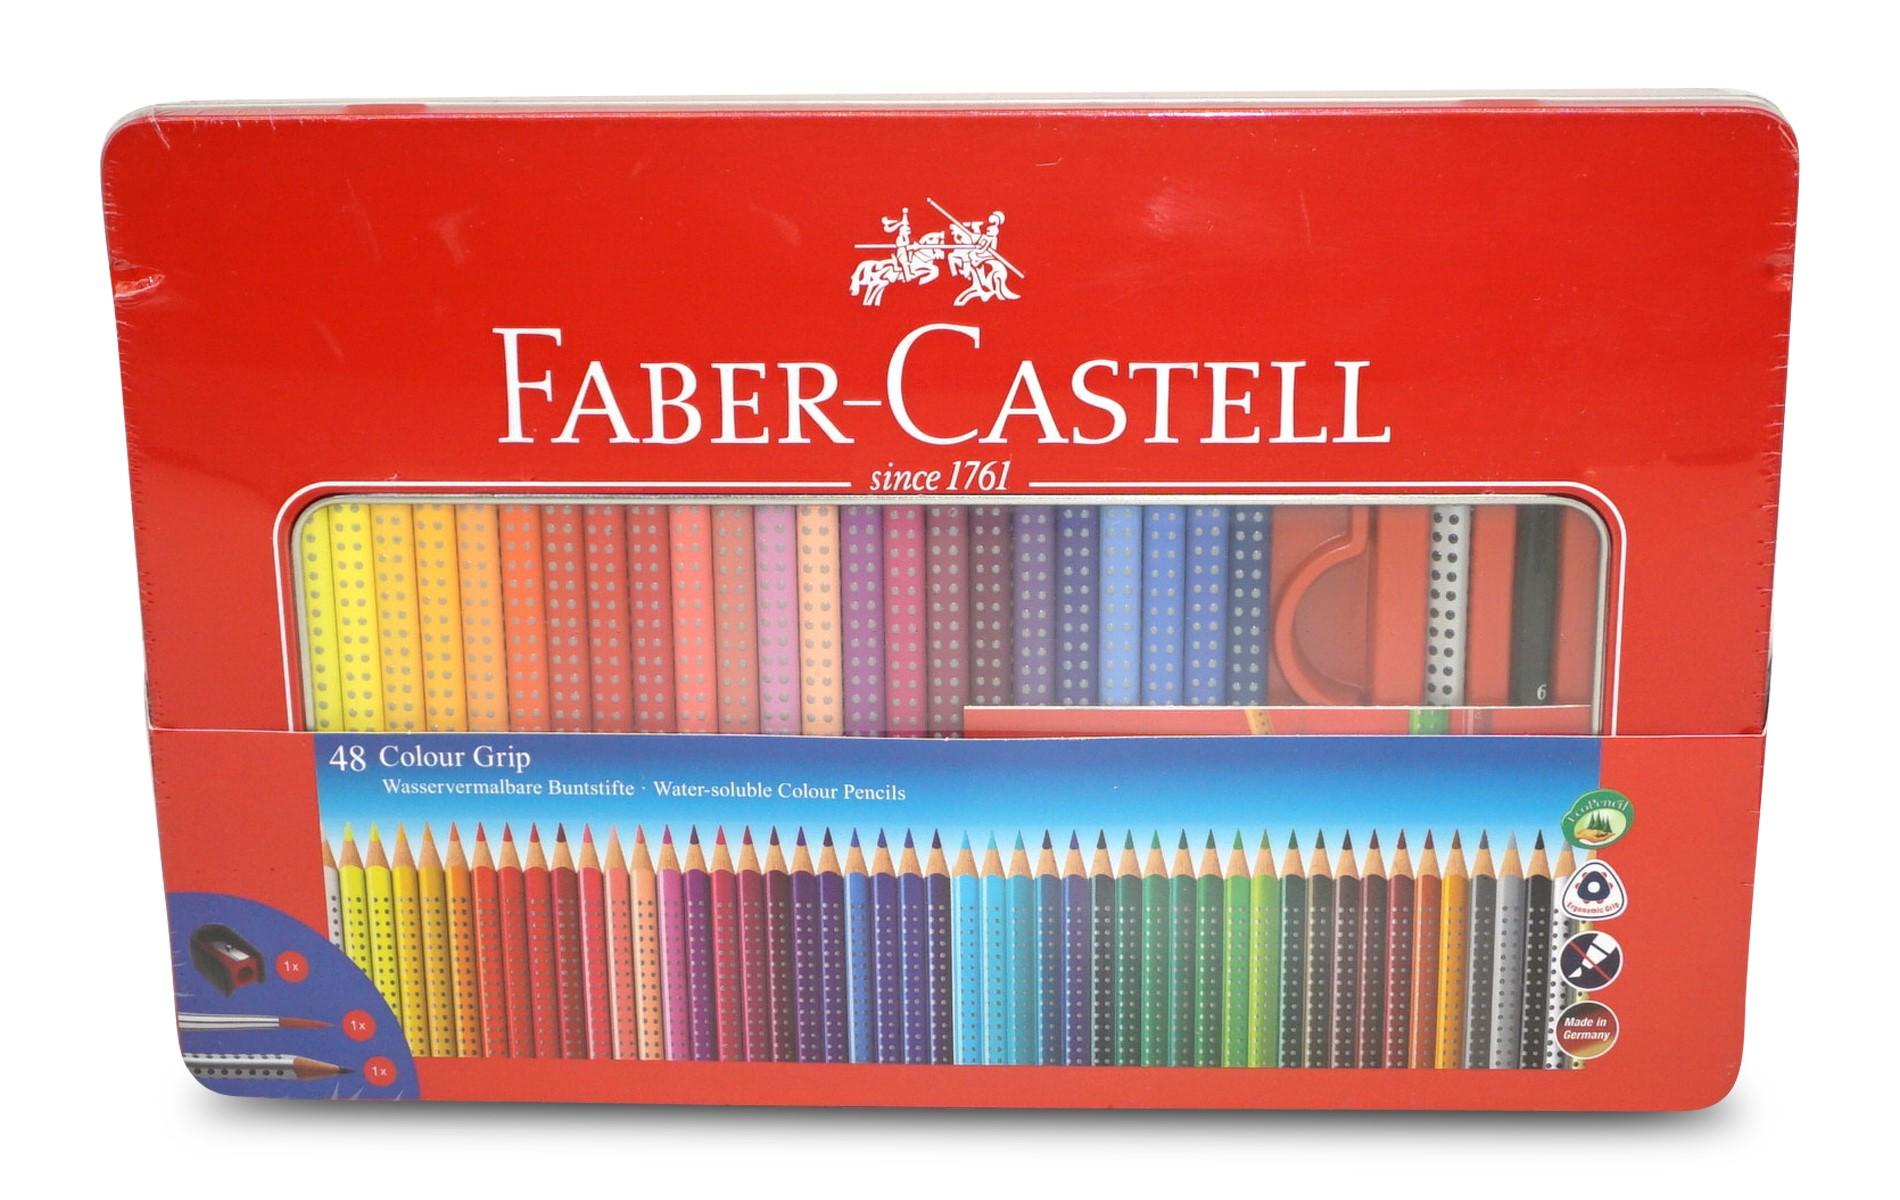 Faber-Castell Colour Grip Buntstifte 48 Farben im Metalletui inkl. Spitzer, Pinsel und Grip